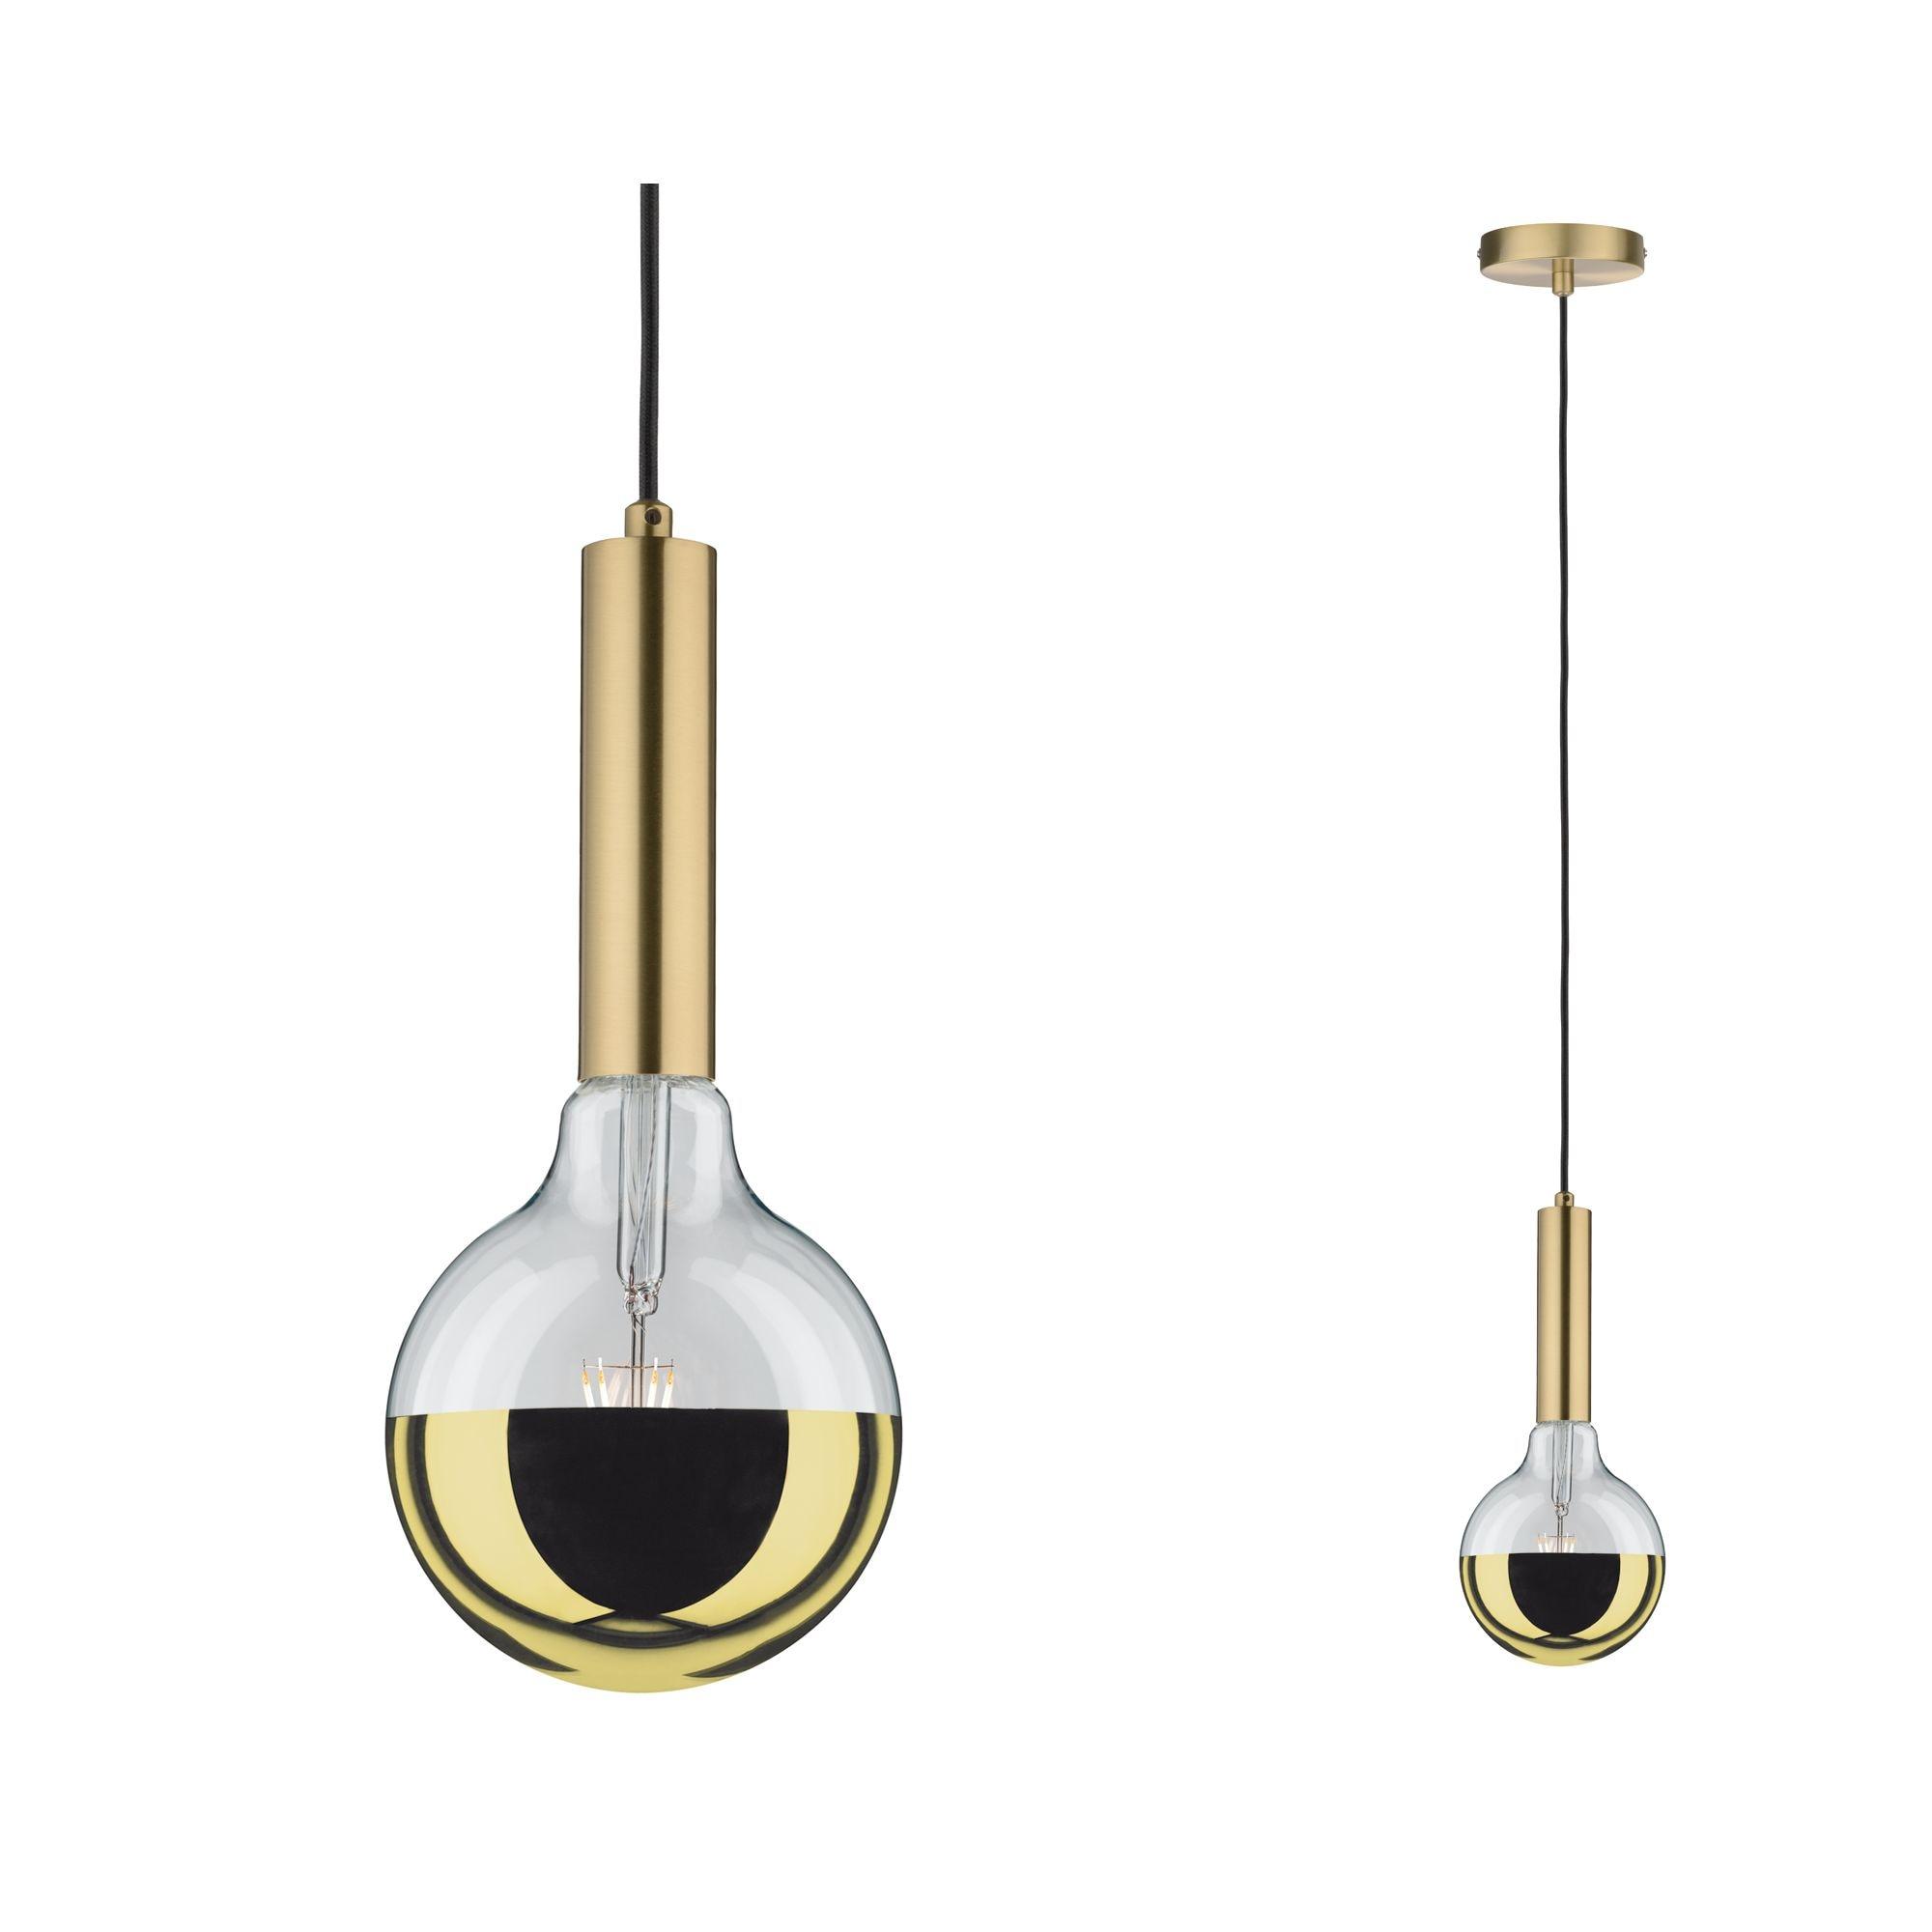 Paulmann LED Pendelleuchte Neordic Kine max1x20W E27 Messing gebürstet 230V Metall, E27, 1 St.